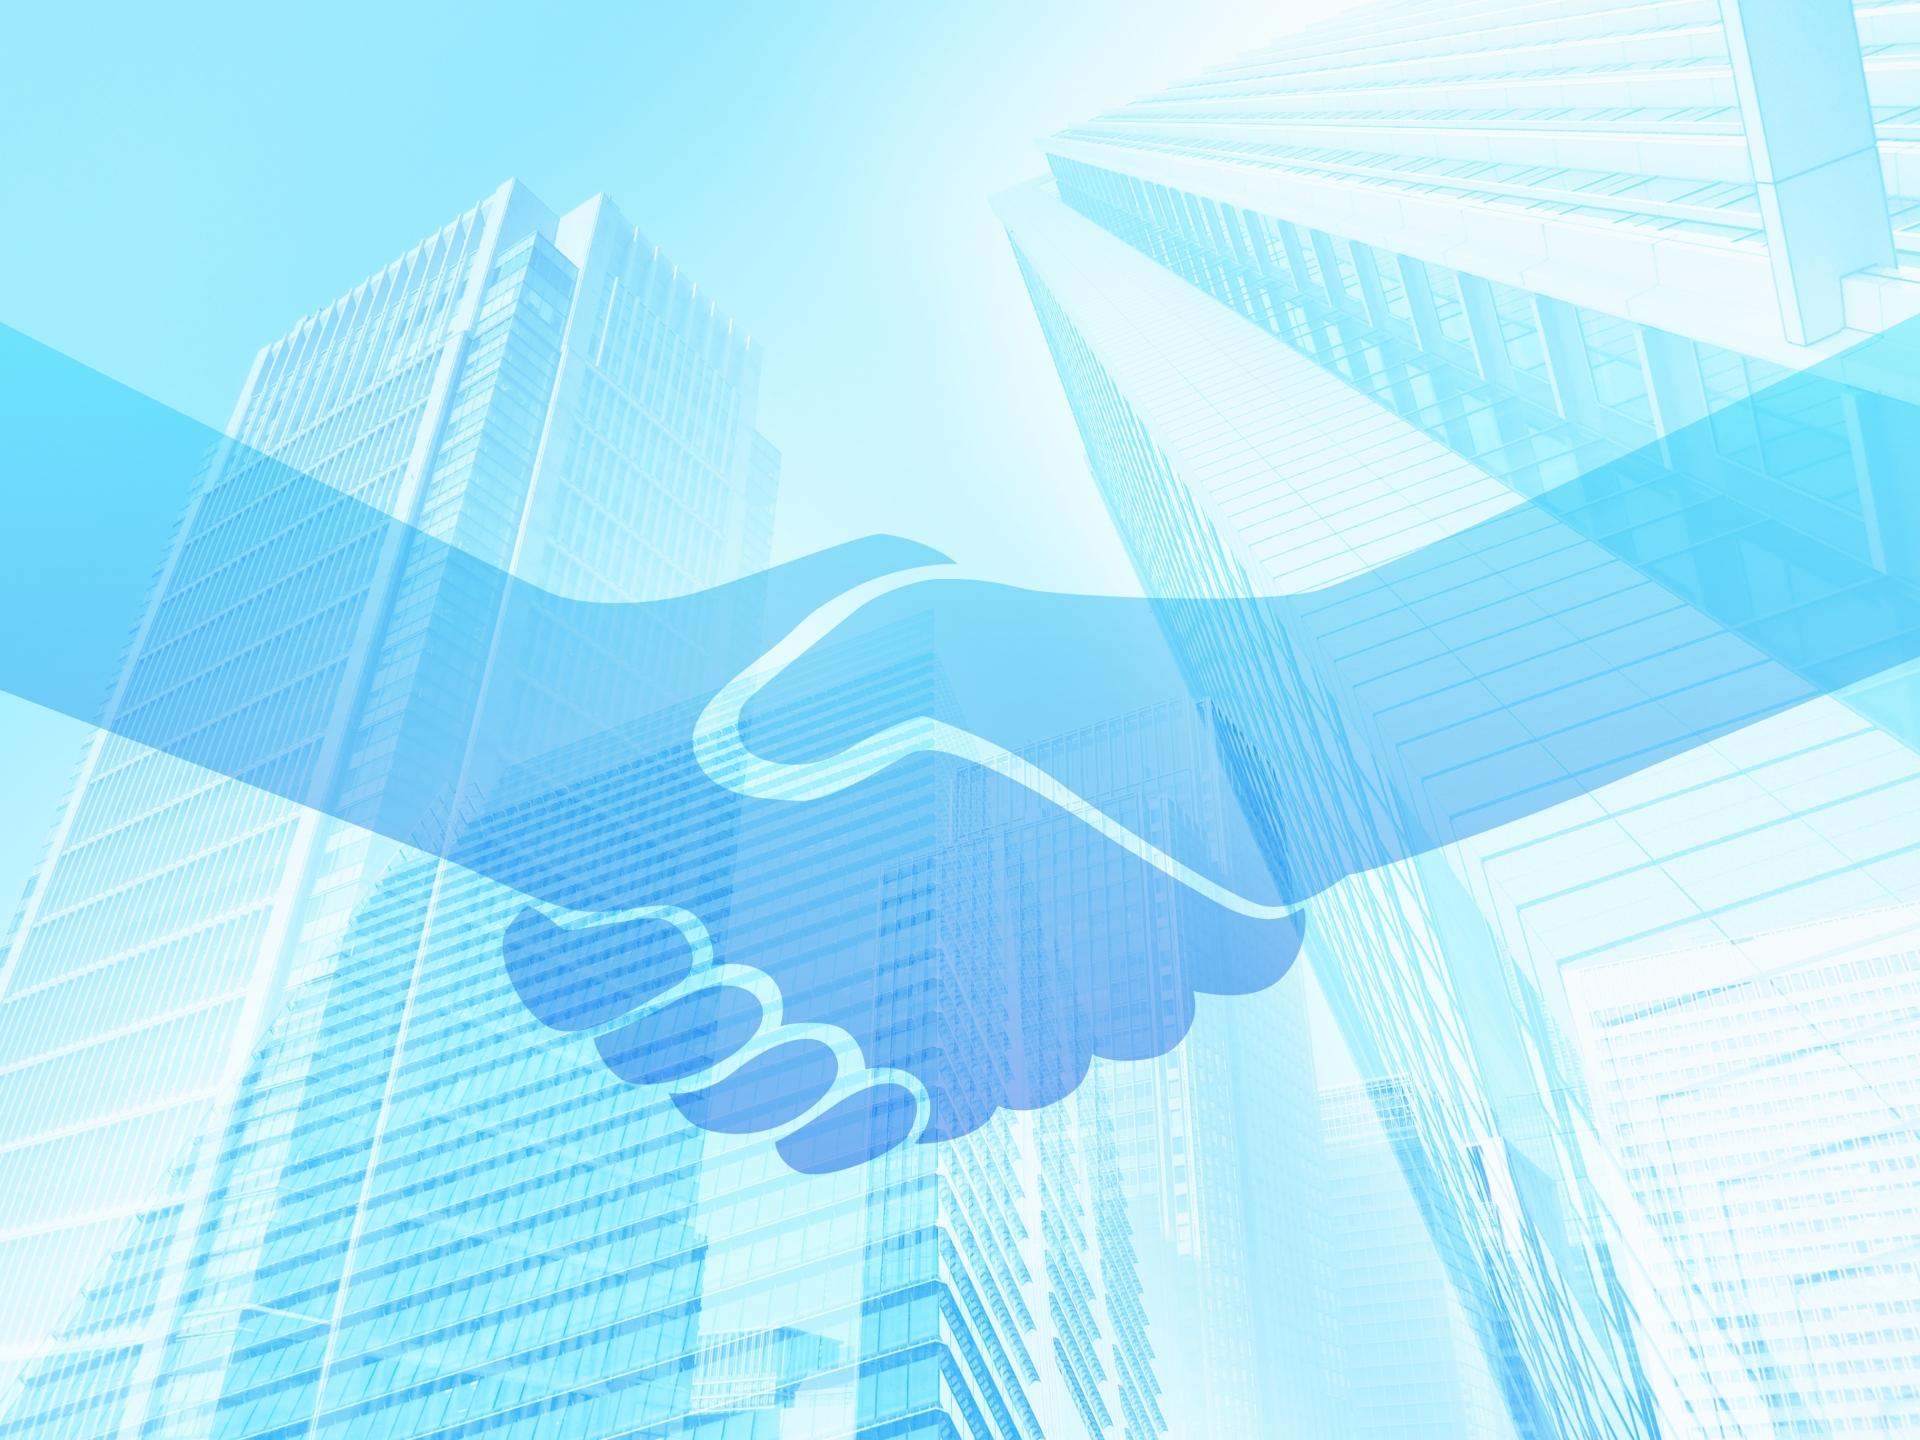 プロジェクトマネジメントはPMOで役割分担を